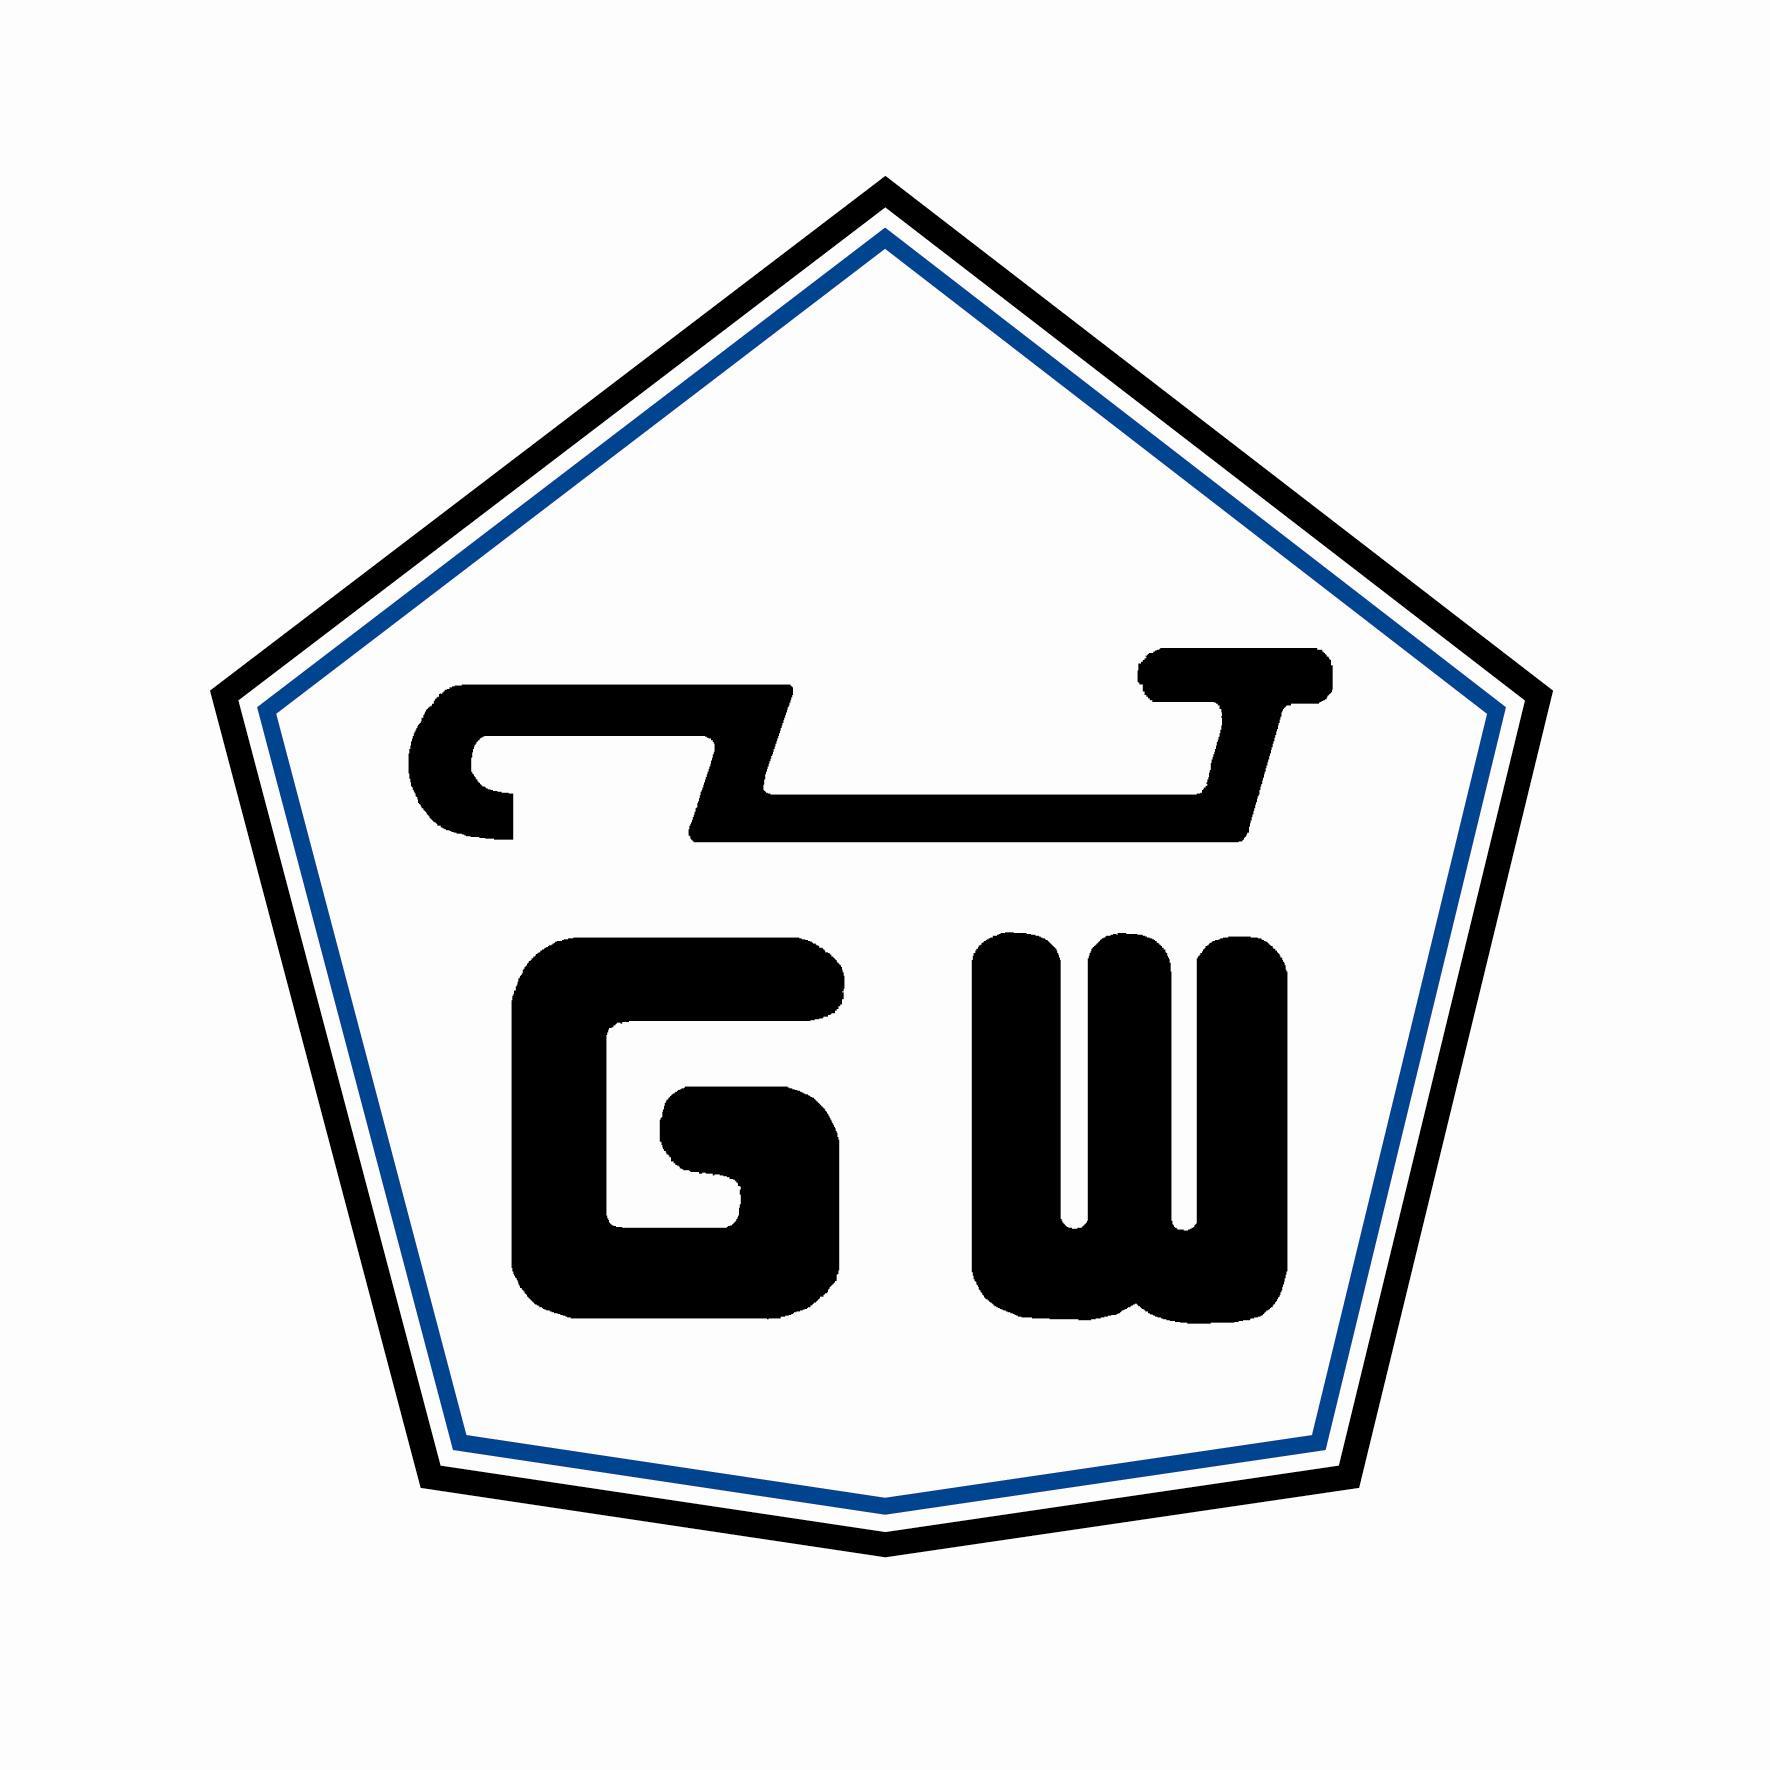 Logo George Walstock Tweewielerspecialist voor Ontdek de e-bike